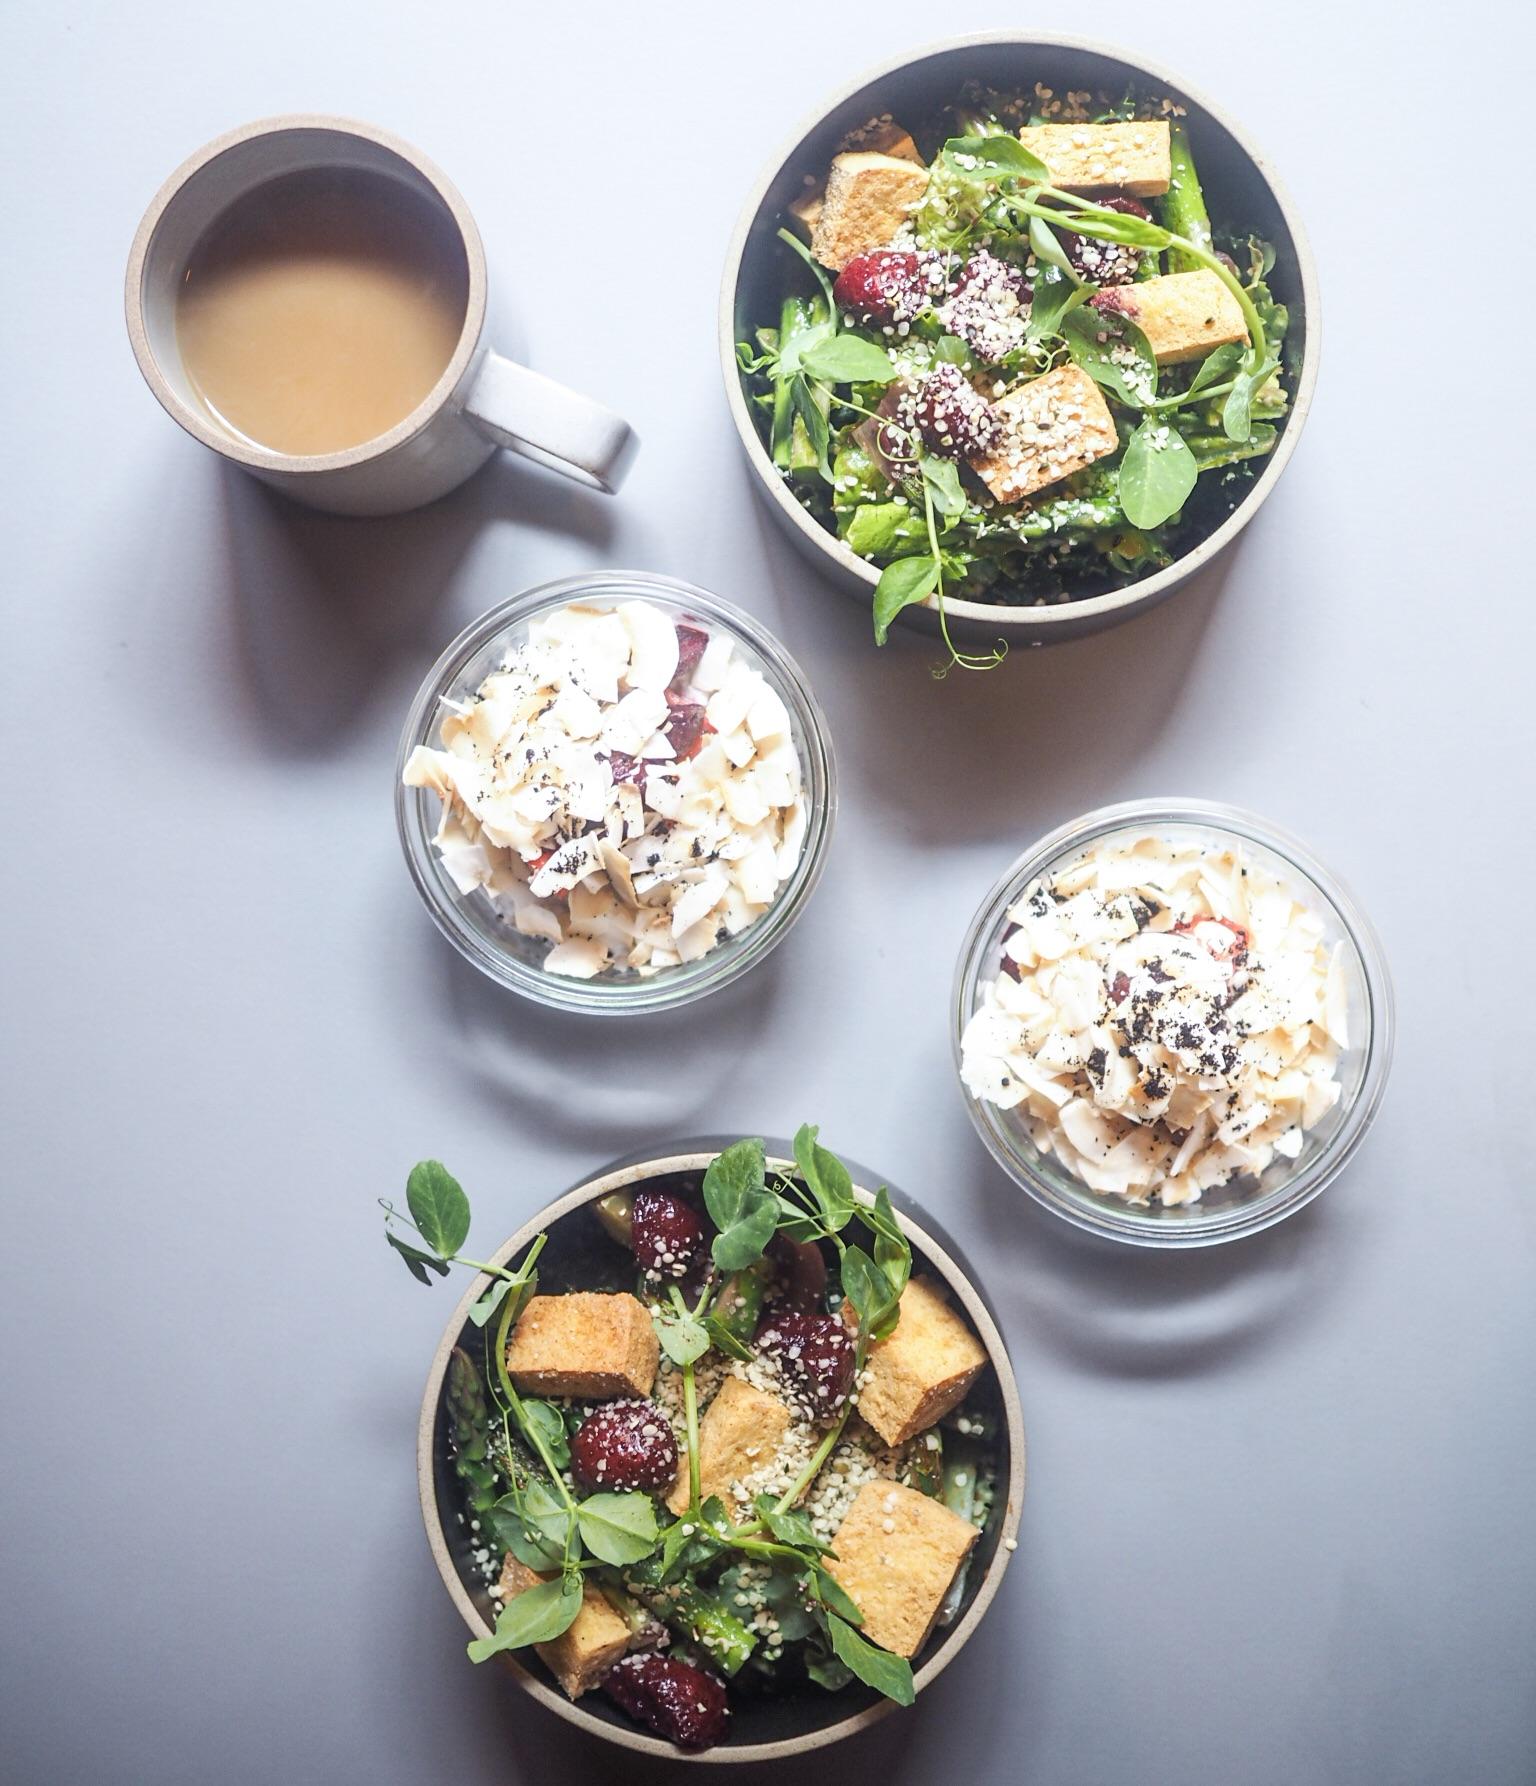 morgenmad på Hyggestund Vesterbro. Også et sund og vegetarisk udvalg med tofusalat og chiagrød